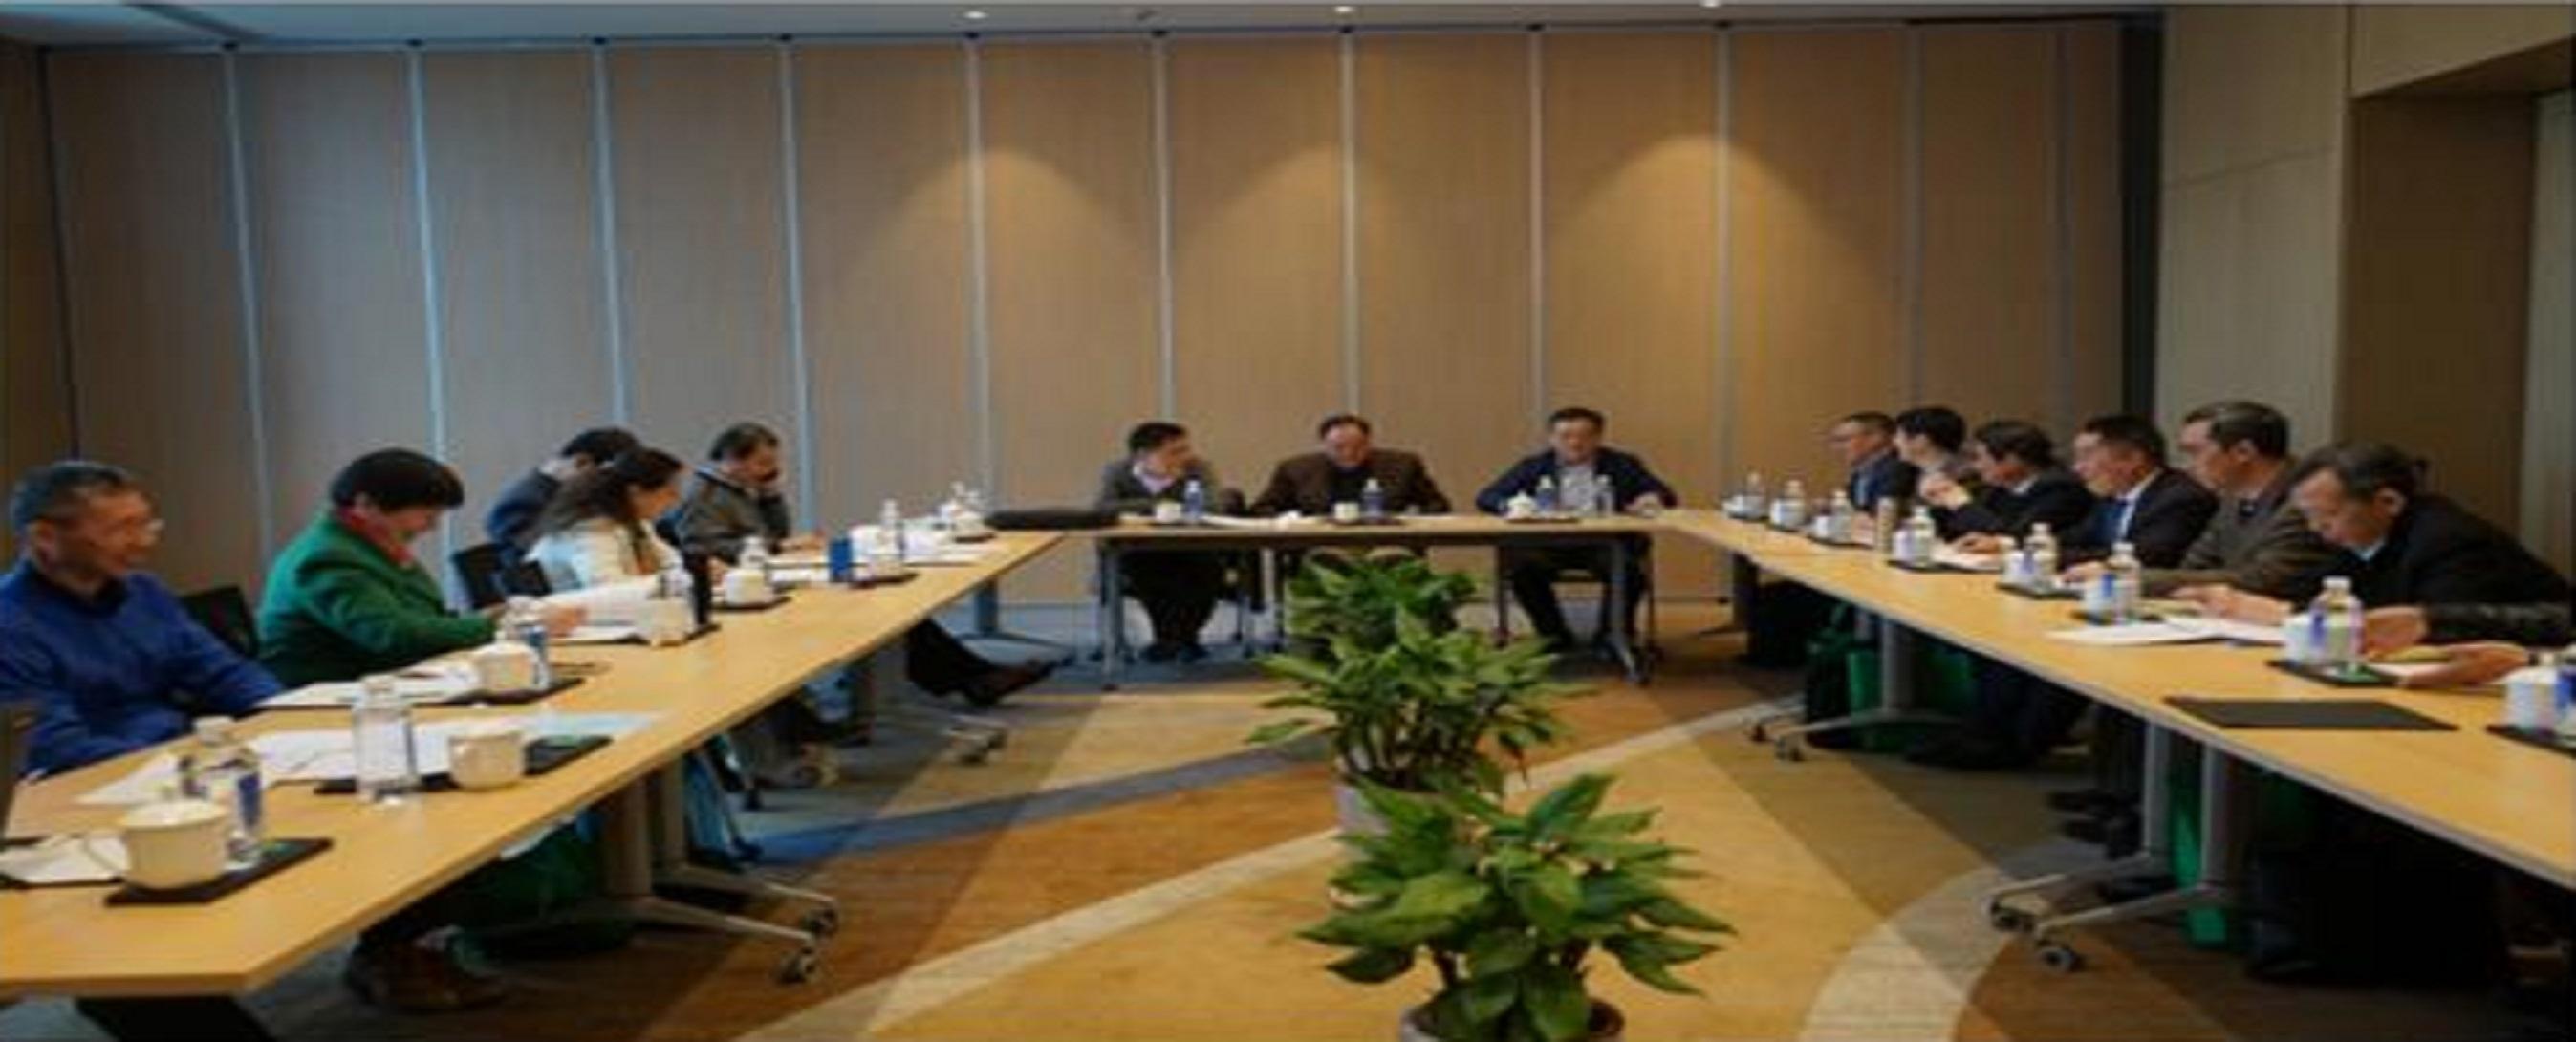 江苏阀门产业技术创新高峰论坛在苏州隆重举行